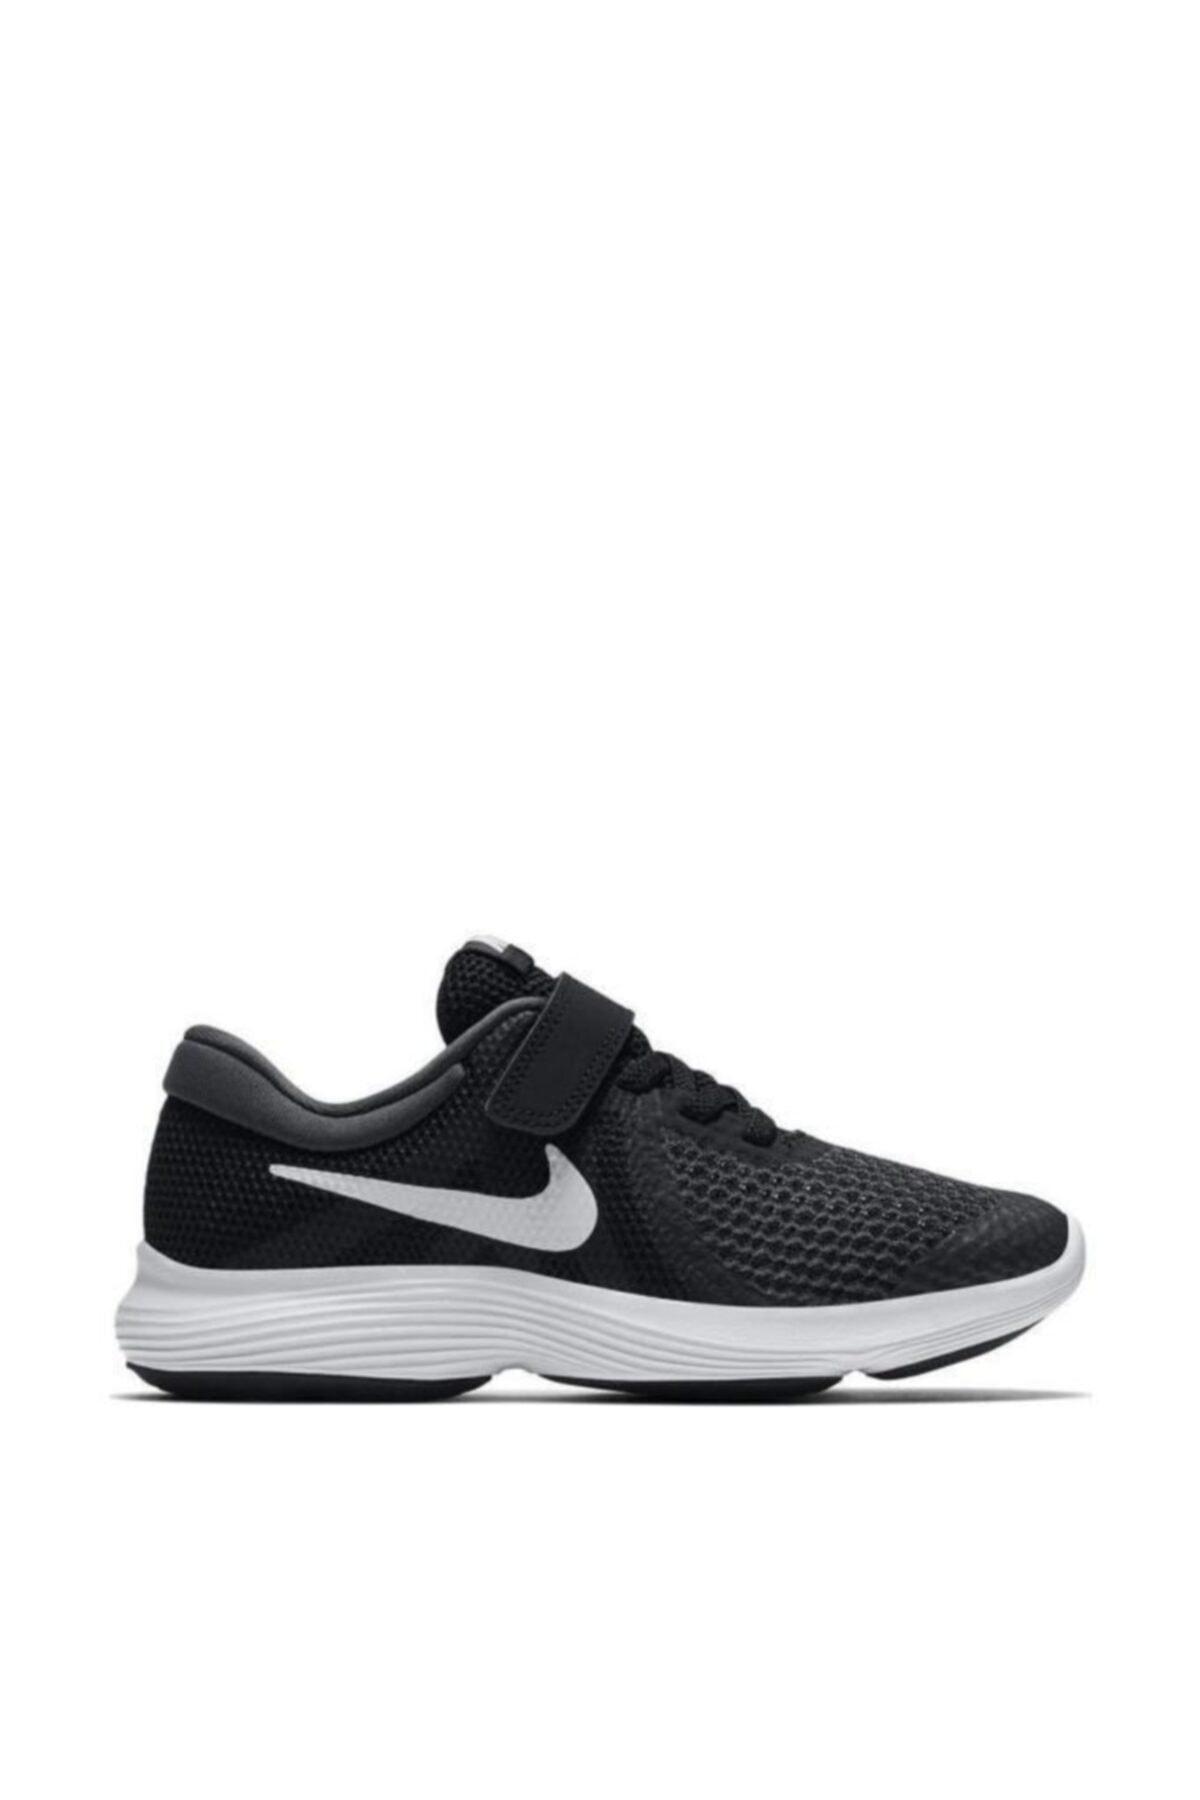 Nike 943305-006 Revolution Günlük Çocuk Spor Ayakkabı 1